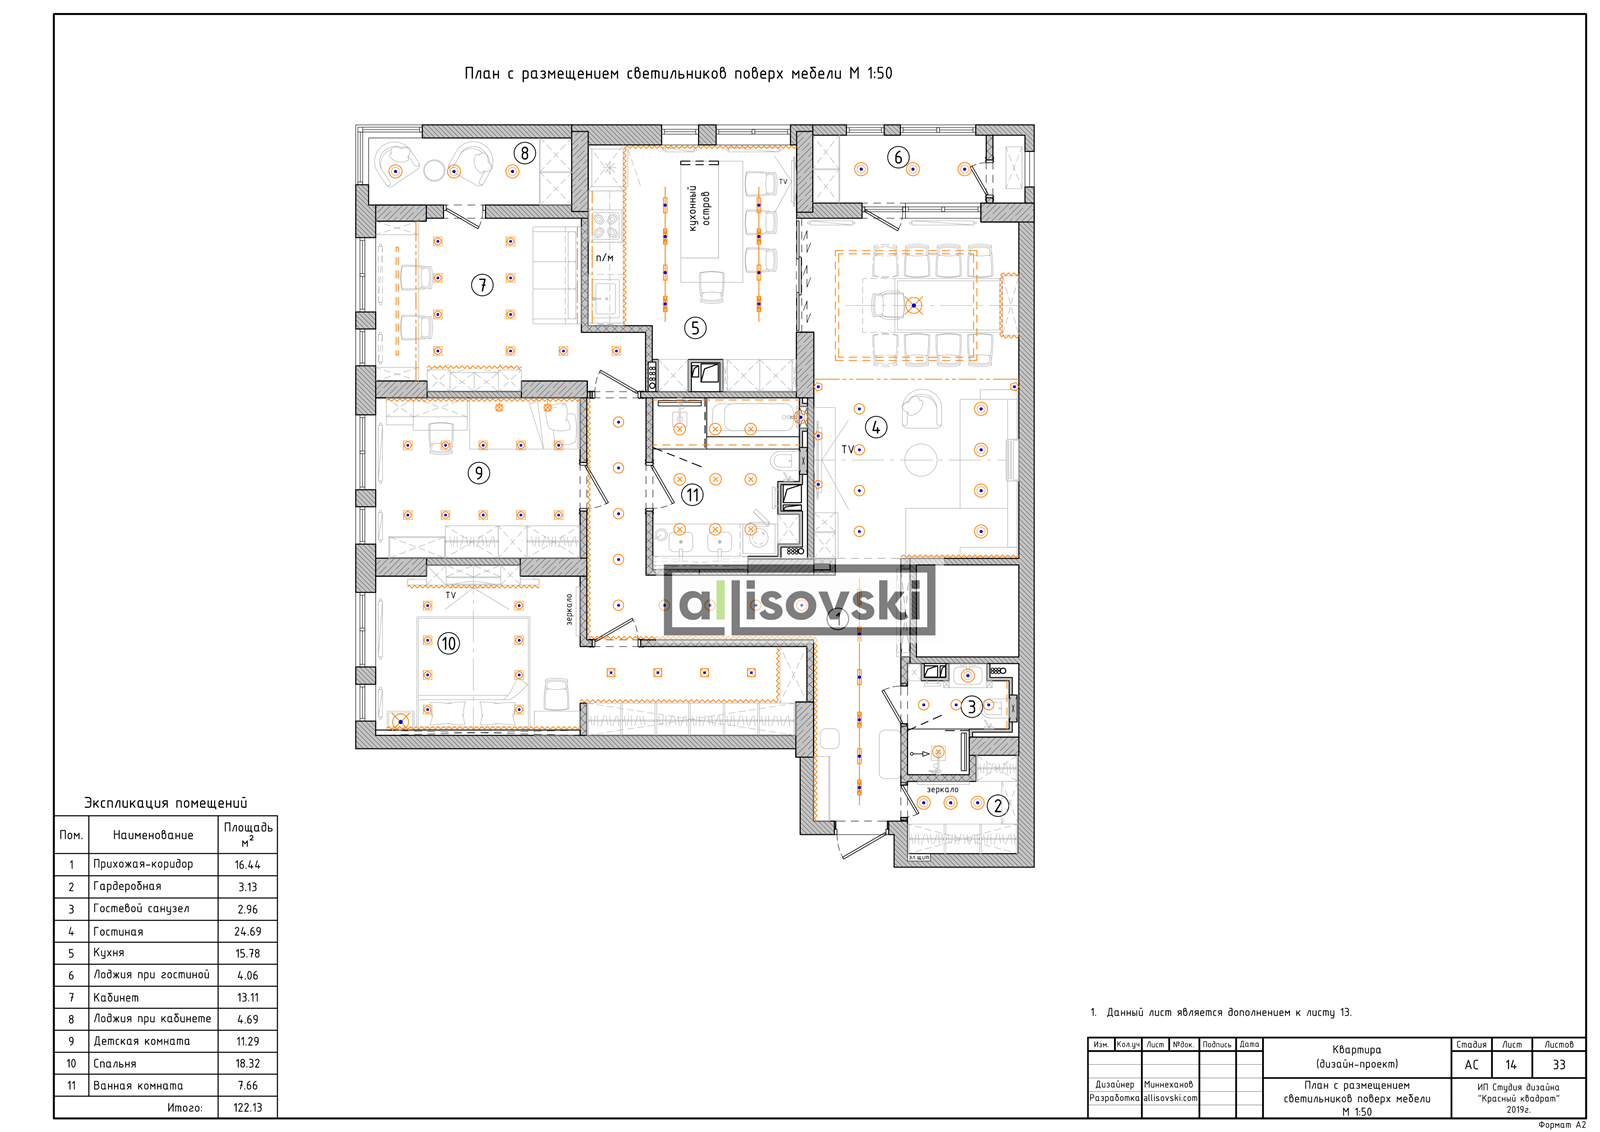 Планировка квартиры с освещением